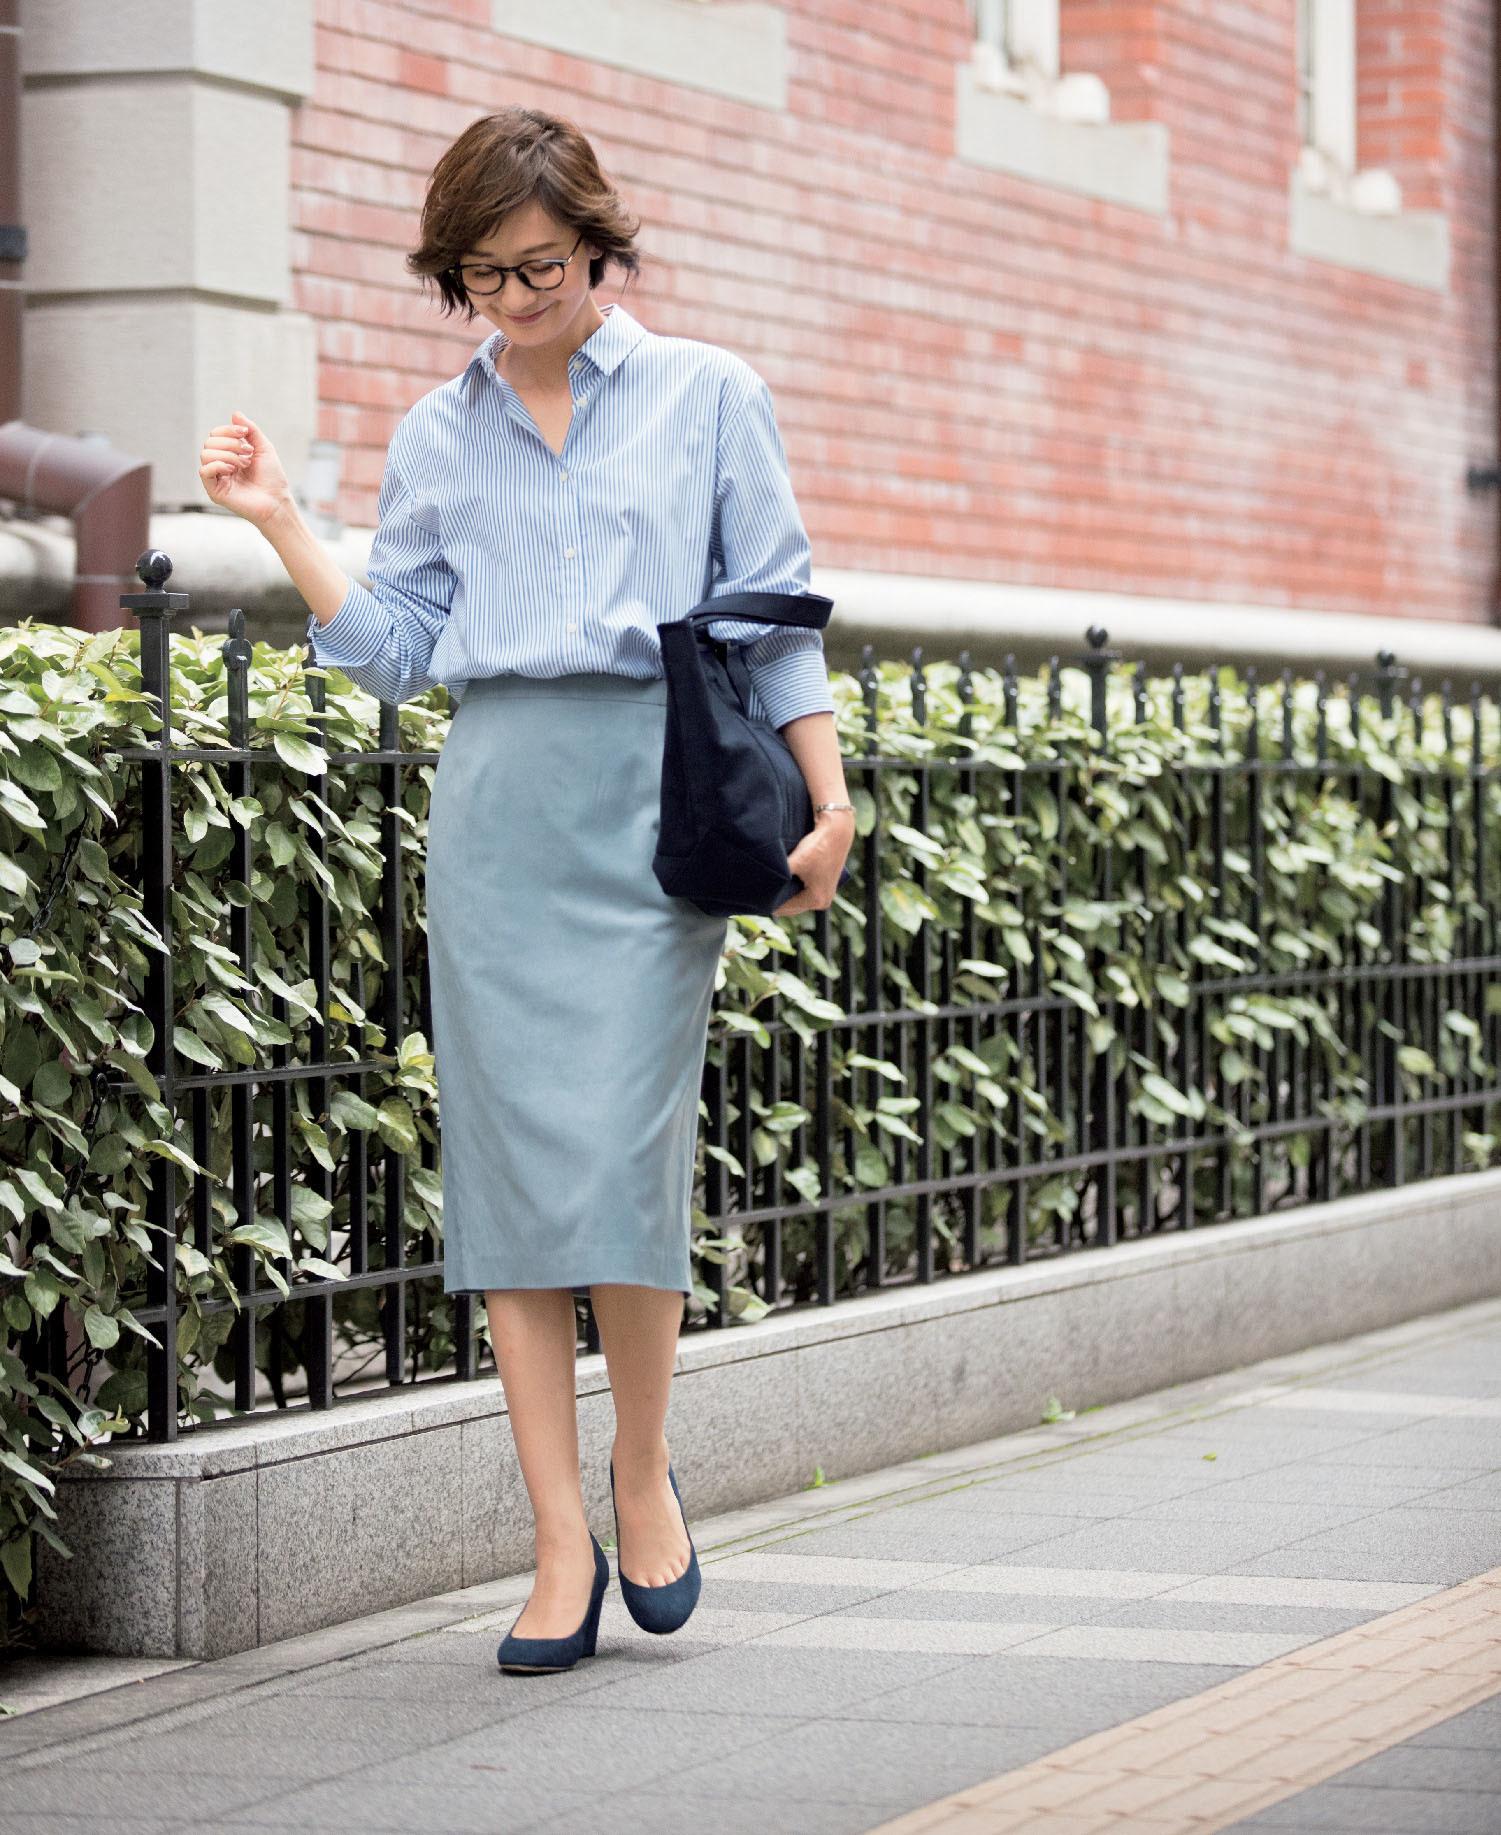 【秋の着回し】お仕事シーンには膝下スカートをはいて清潔感たっぷりに_1_1